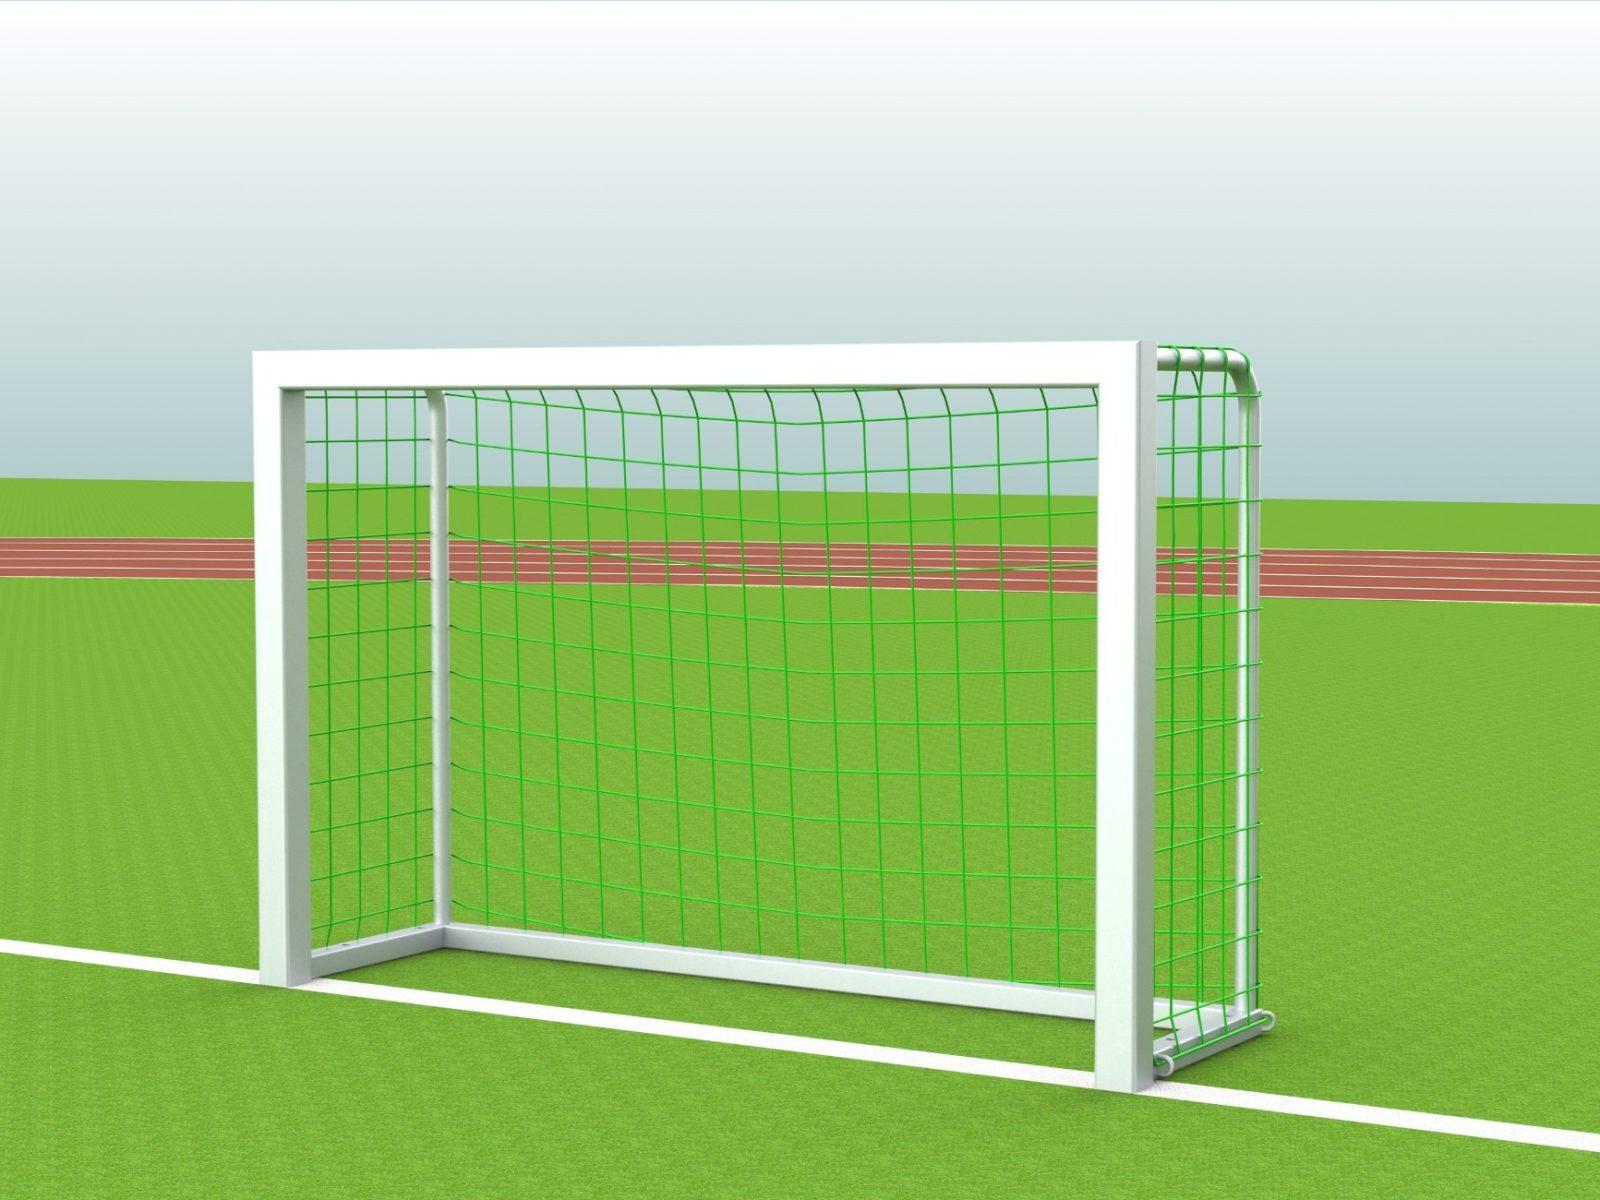 Minitor für den maximalen Spielspaß auf dem Trainingsplatz und im Garten